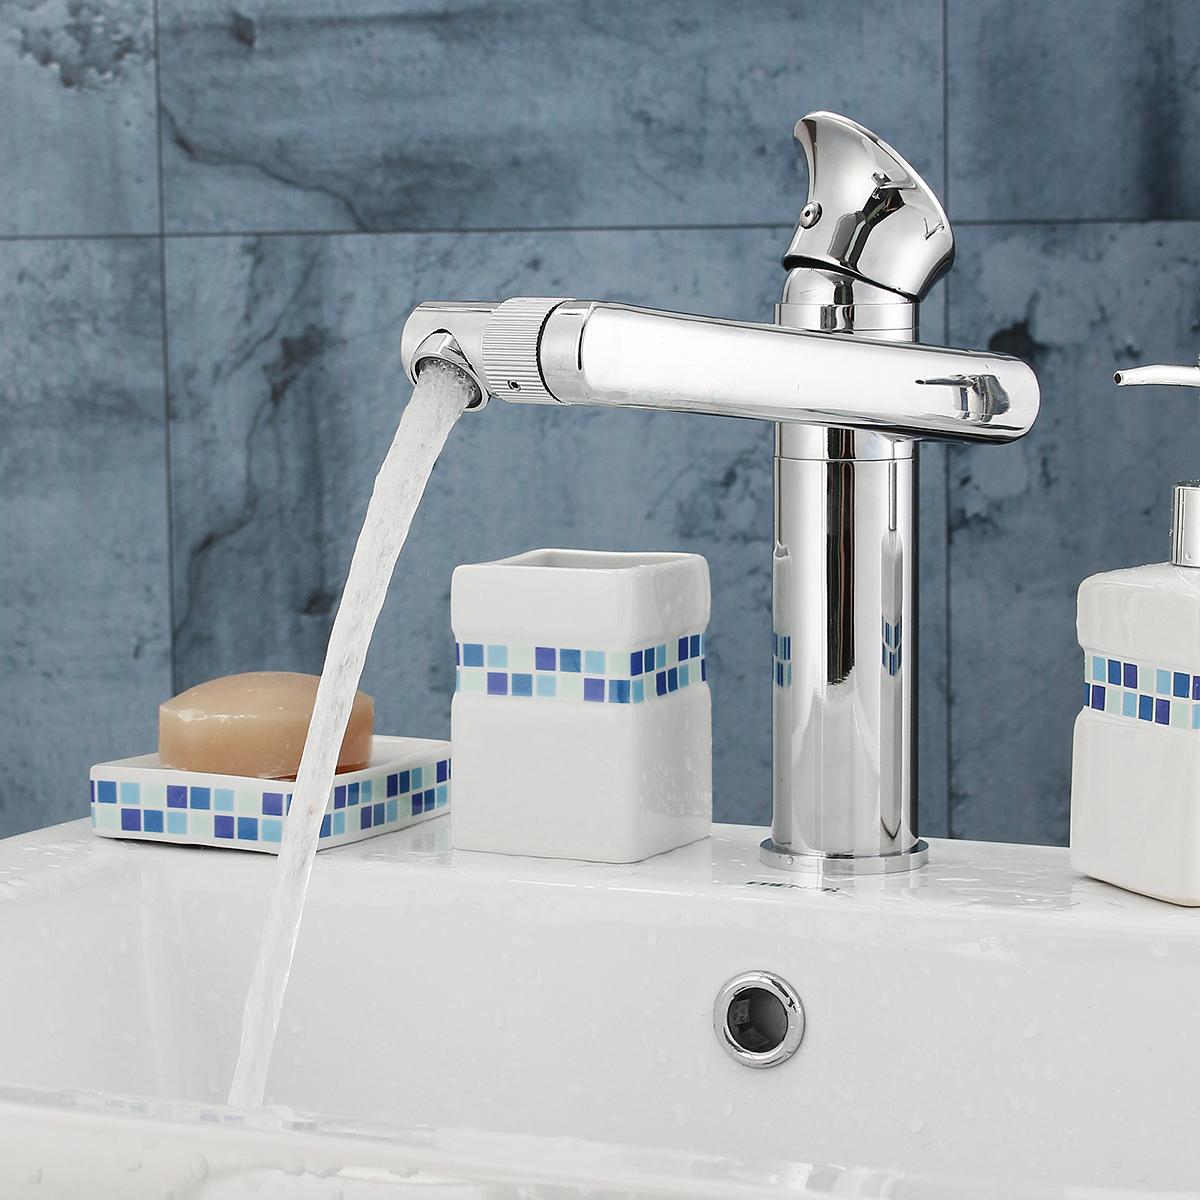 robinet baignoire pas cher cool robinet baignoire pas. Black Bedroom Furniture Sets. Home Design Ideas